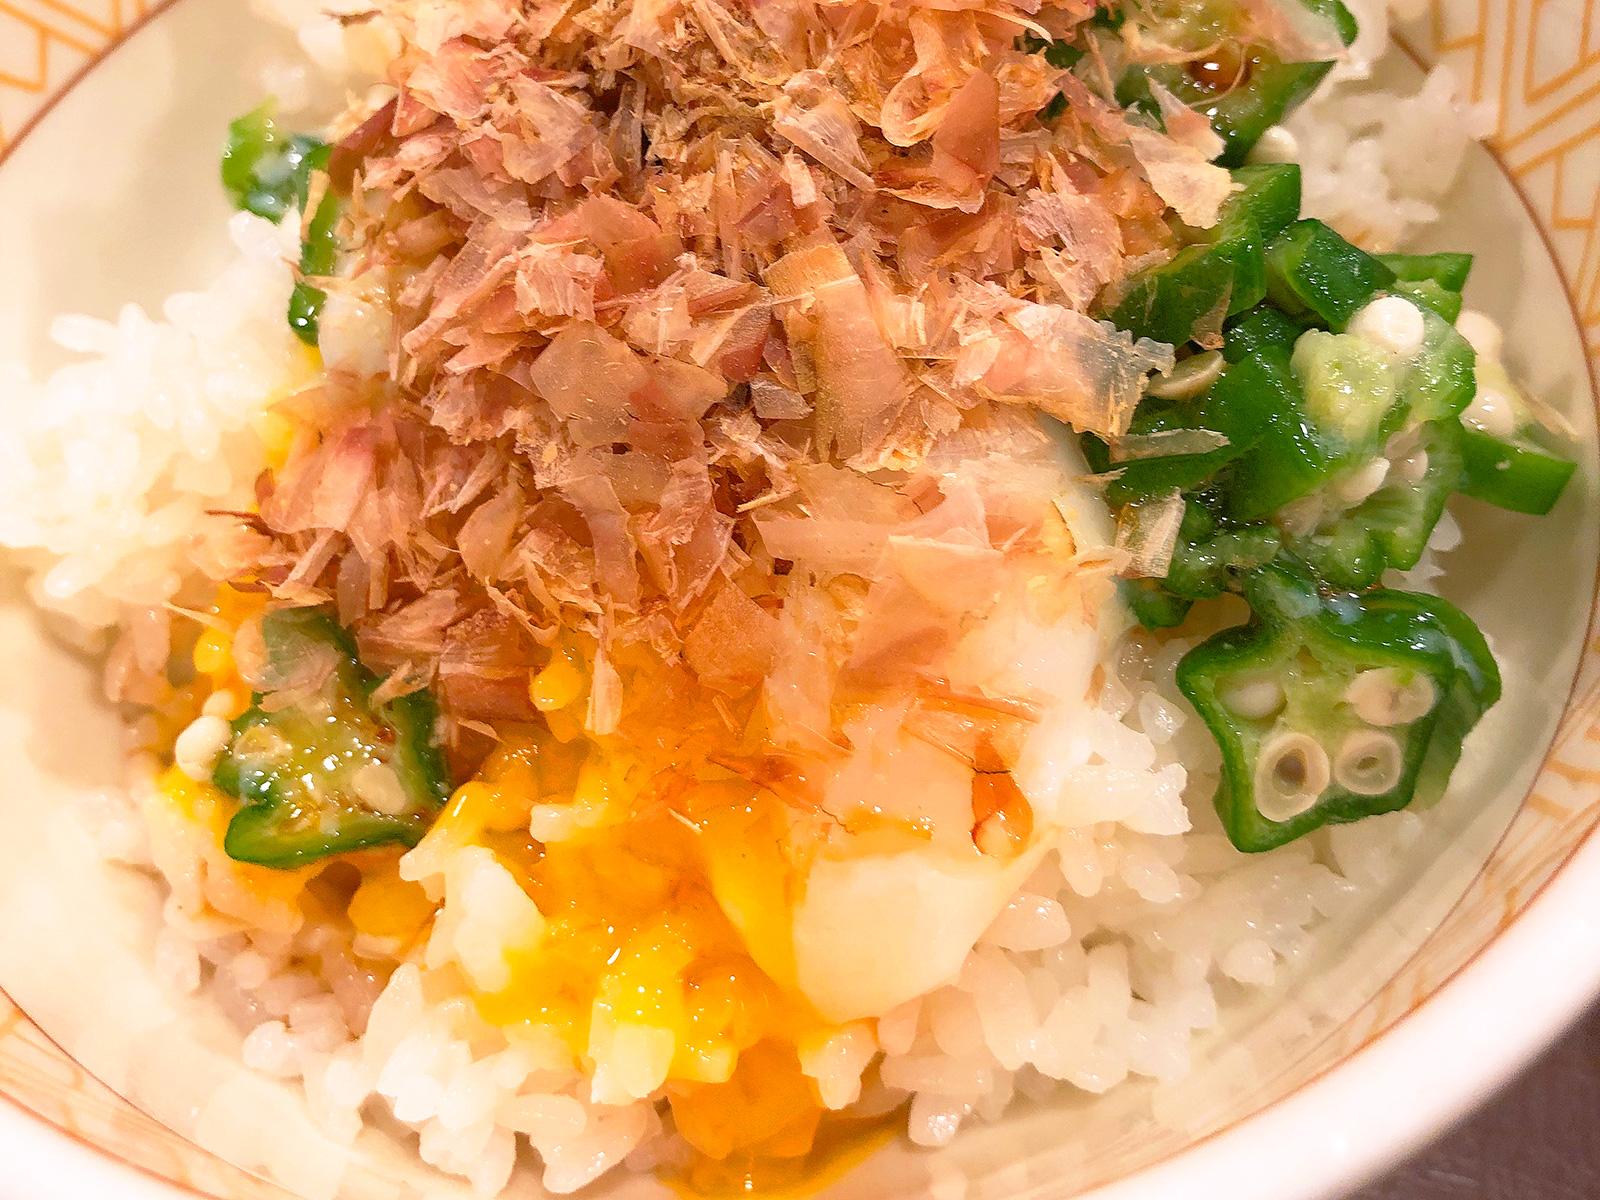 「すき家名古屋栄生店」のまぜのっけごはん朝食 @西区栄生